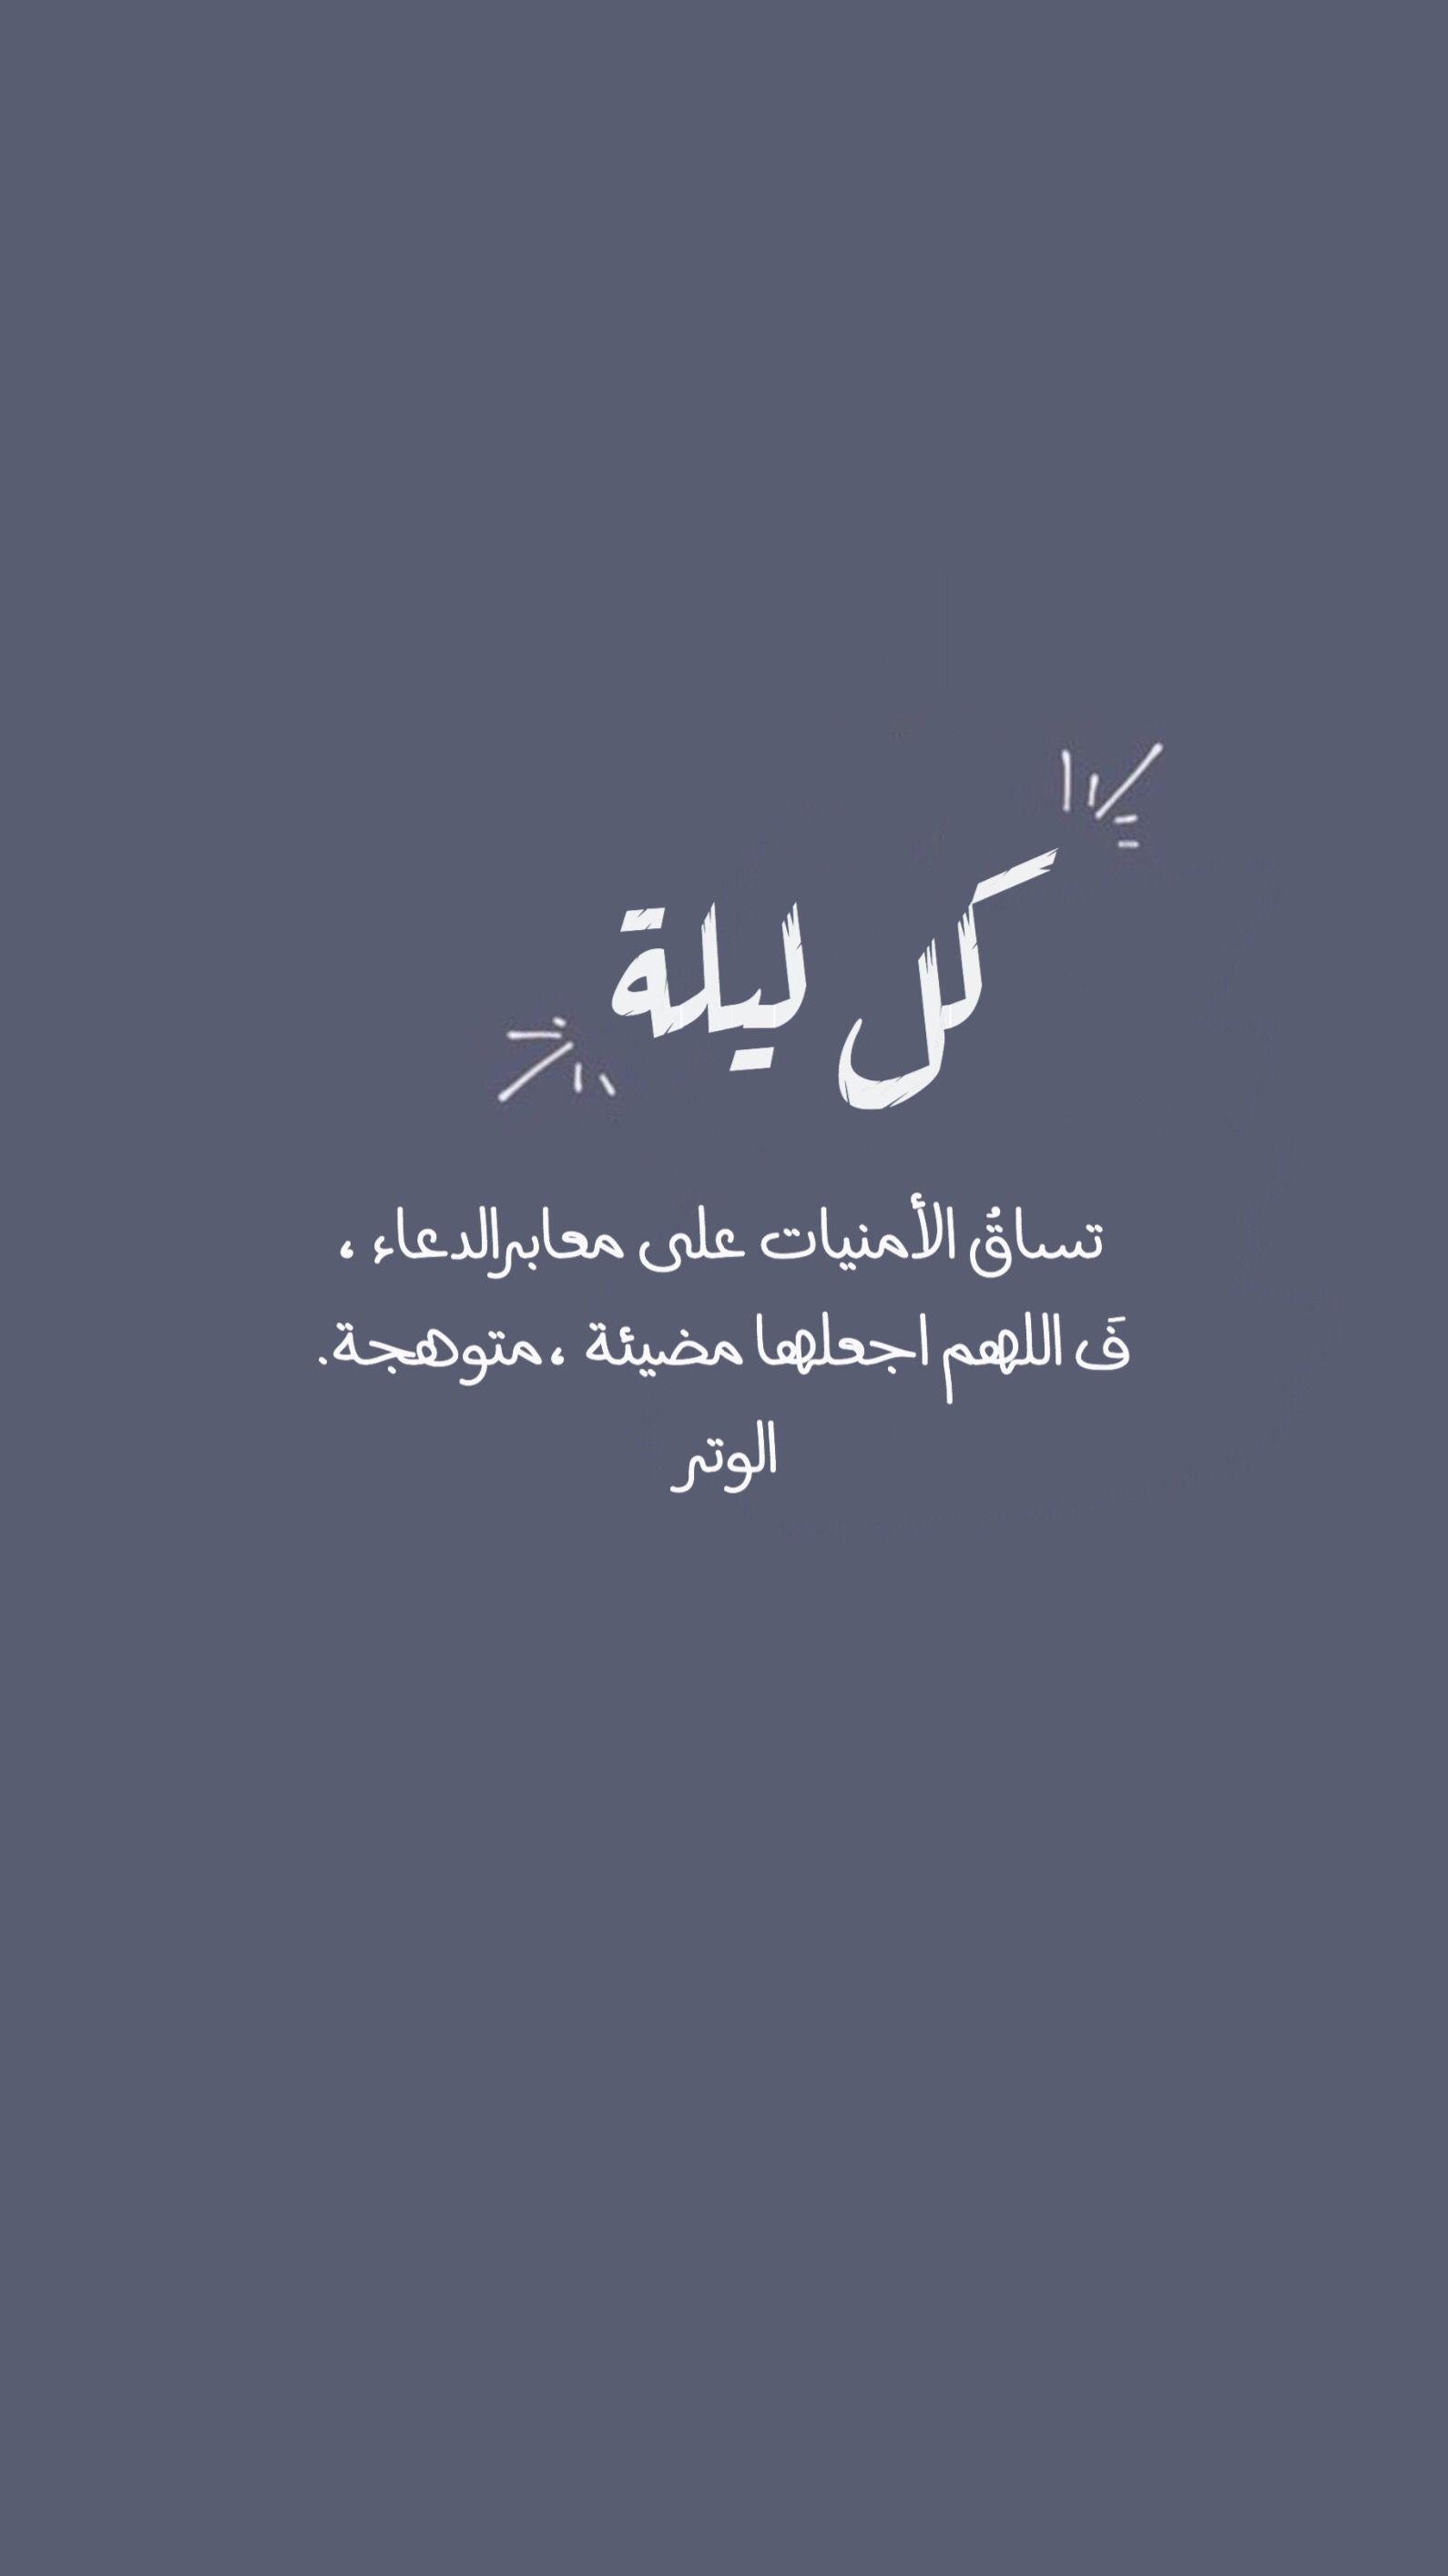 الوتر In 2020 Islamic Phrases Words Quotes Islamic Quotes